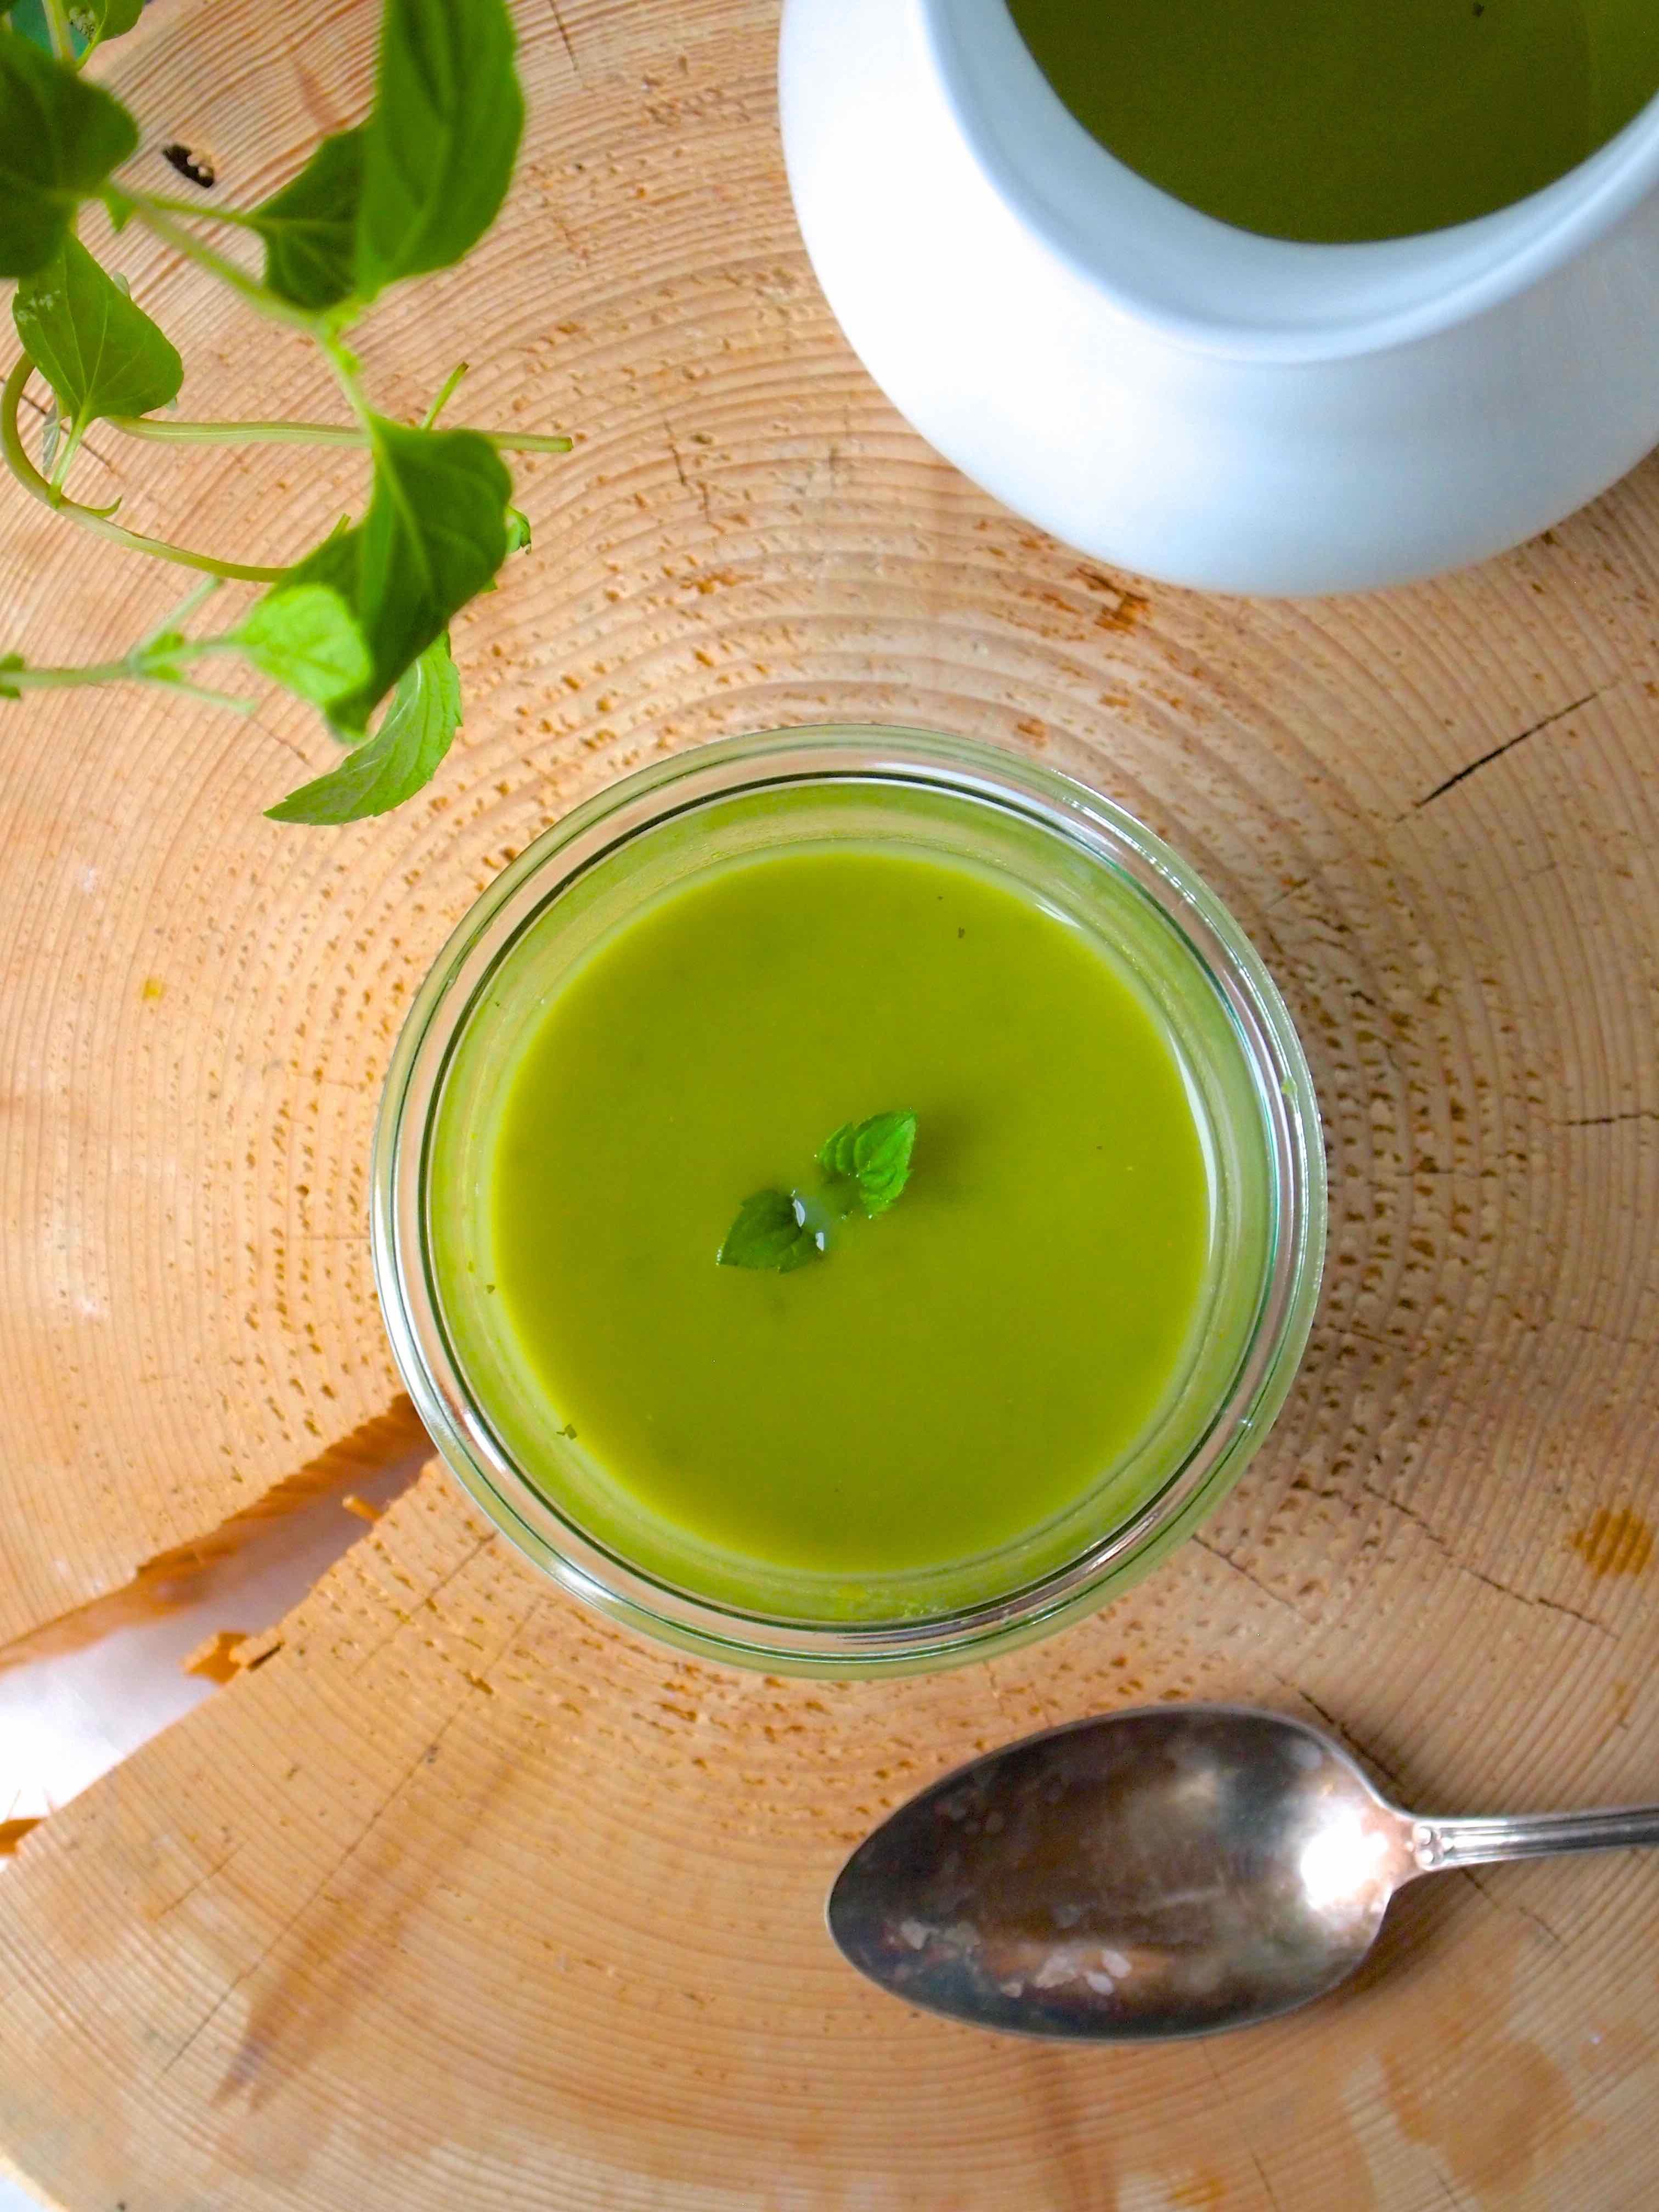 Sopa de Ervilha com Hortelã - Erbsen-Minze-Supp